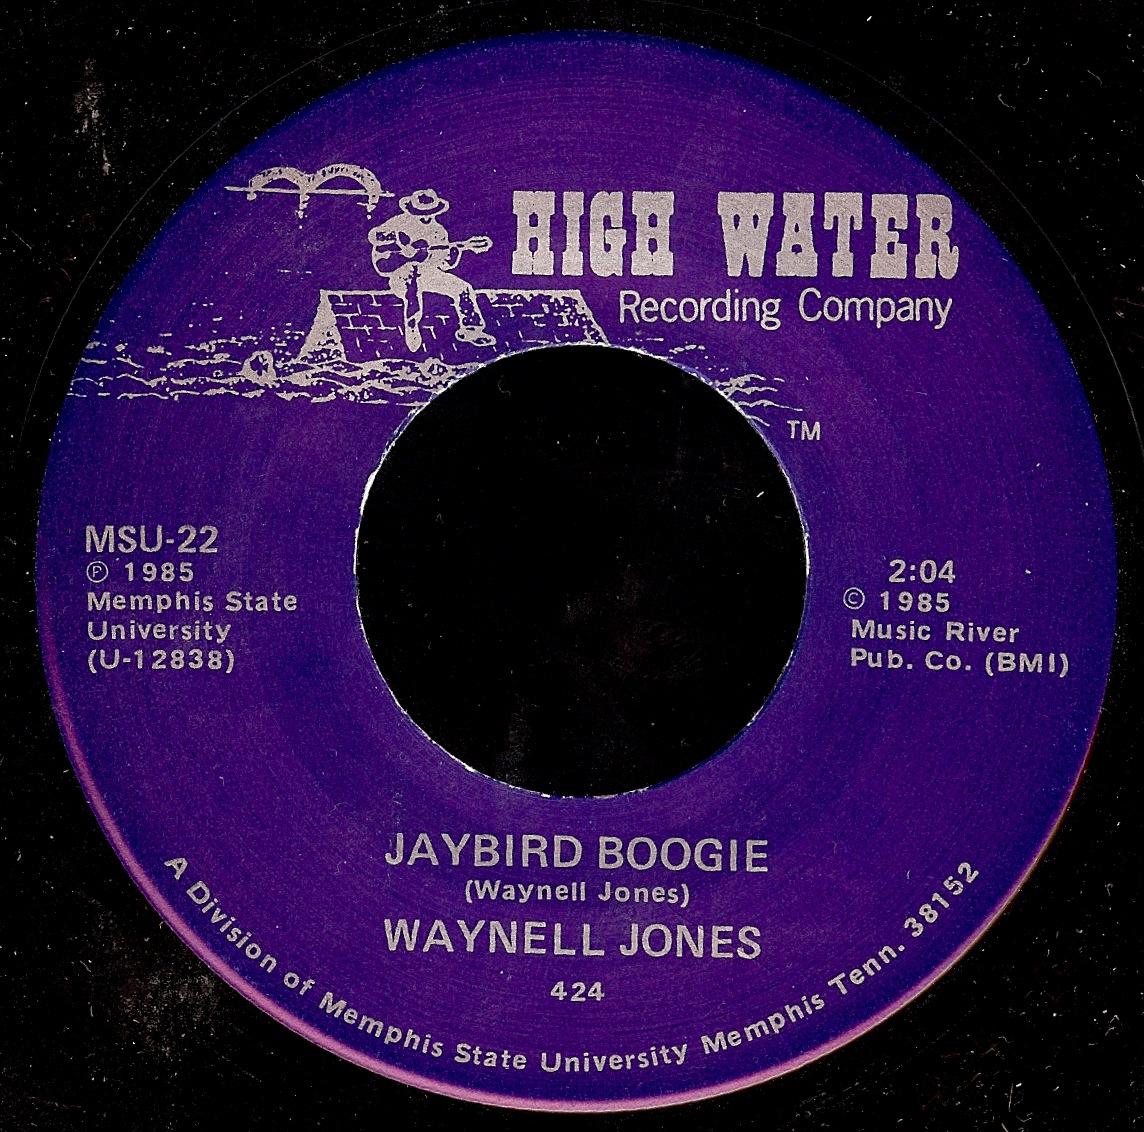 Waynell Jones The Chicken Song Jaybird Boogie